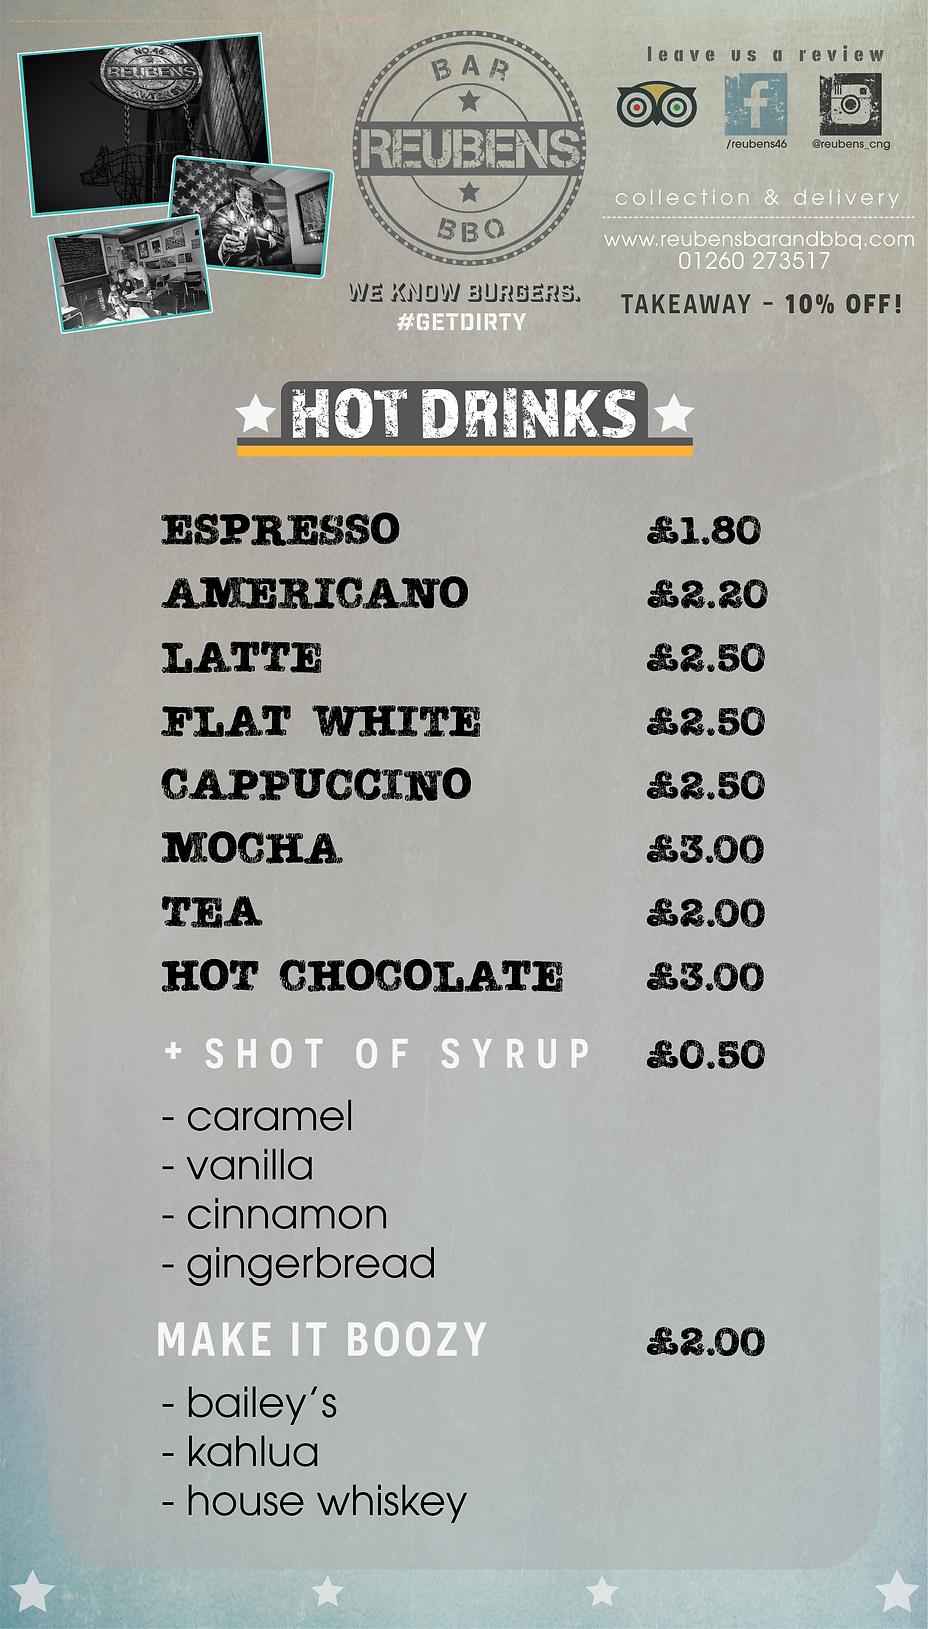 REUBENS MENU 2021 Hot Drinks-16.png